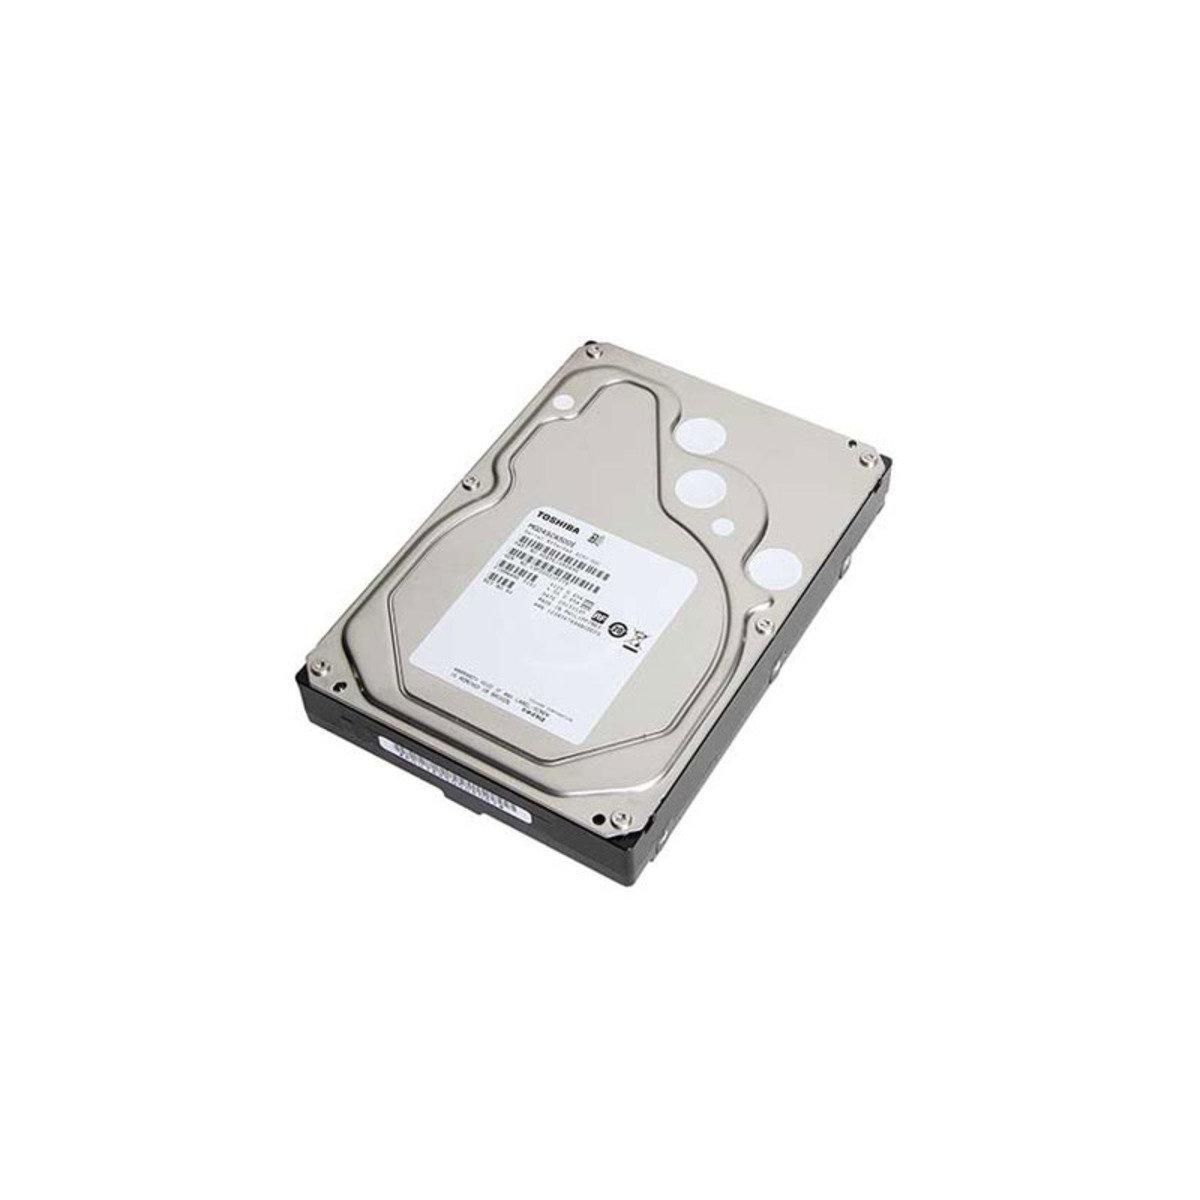 3.5吋 5TB SATA 6Gb/s 桌上型電腦 內置硬碟 MD04ACA500